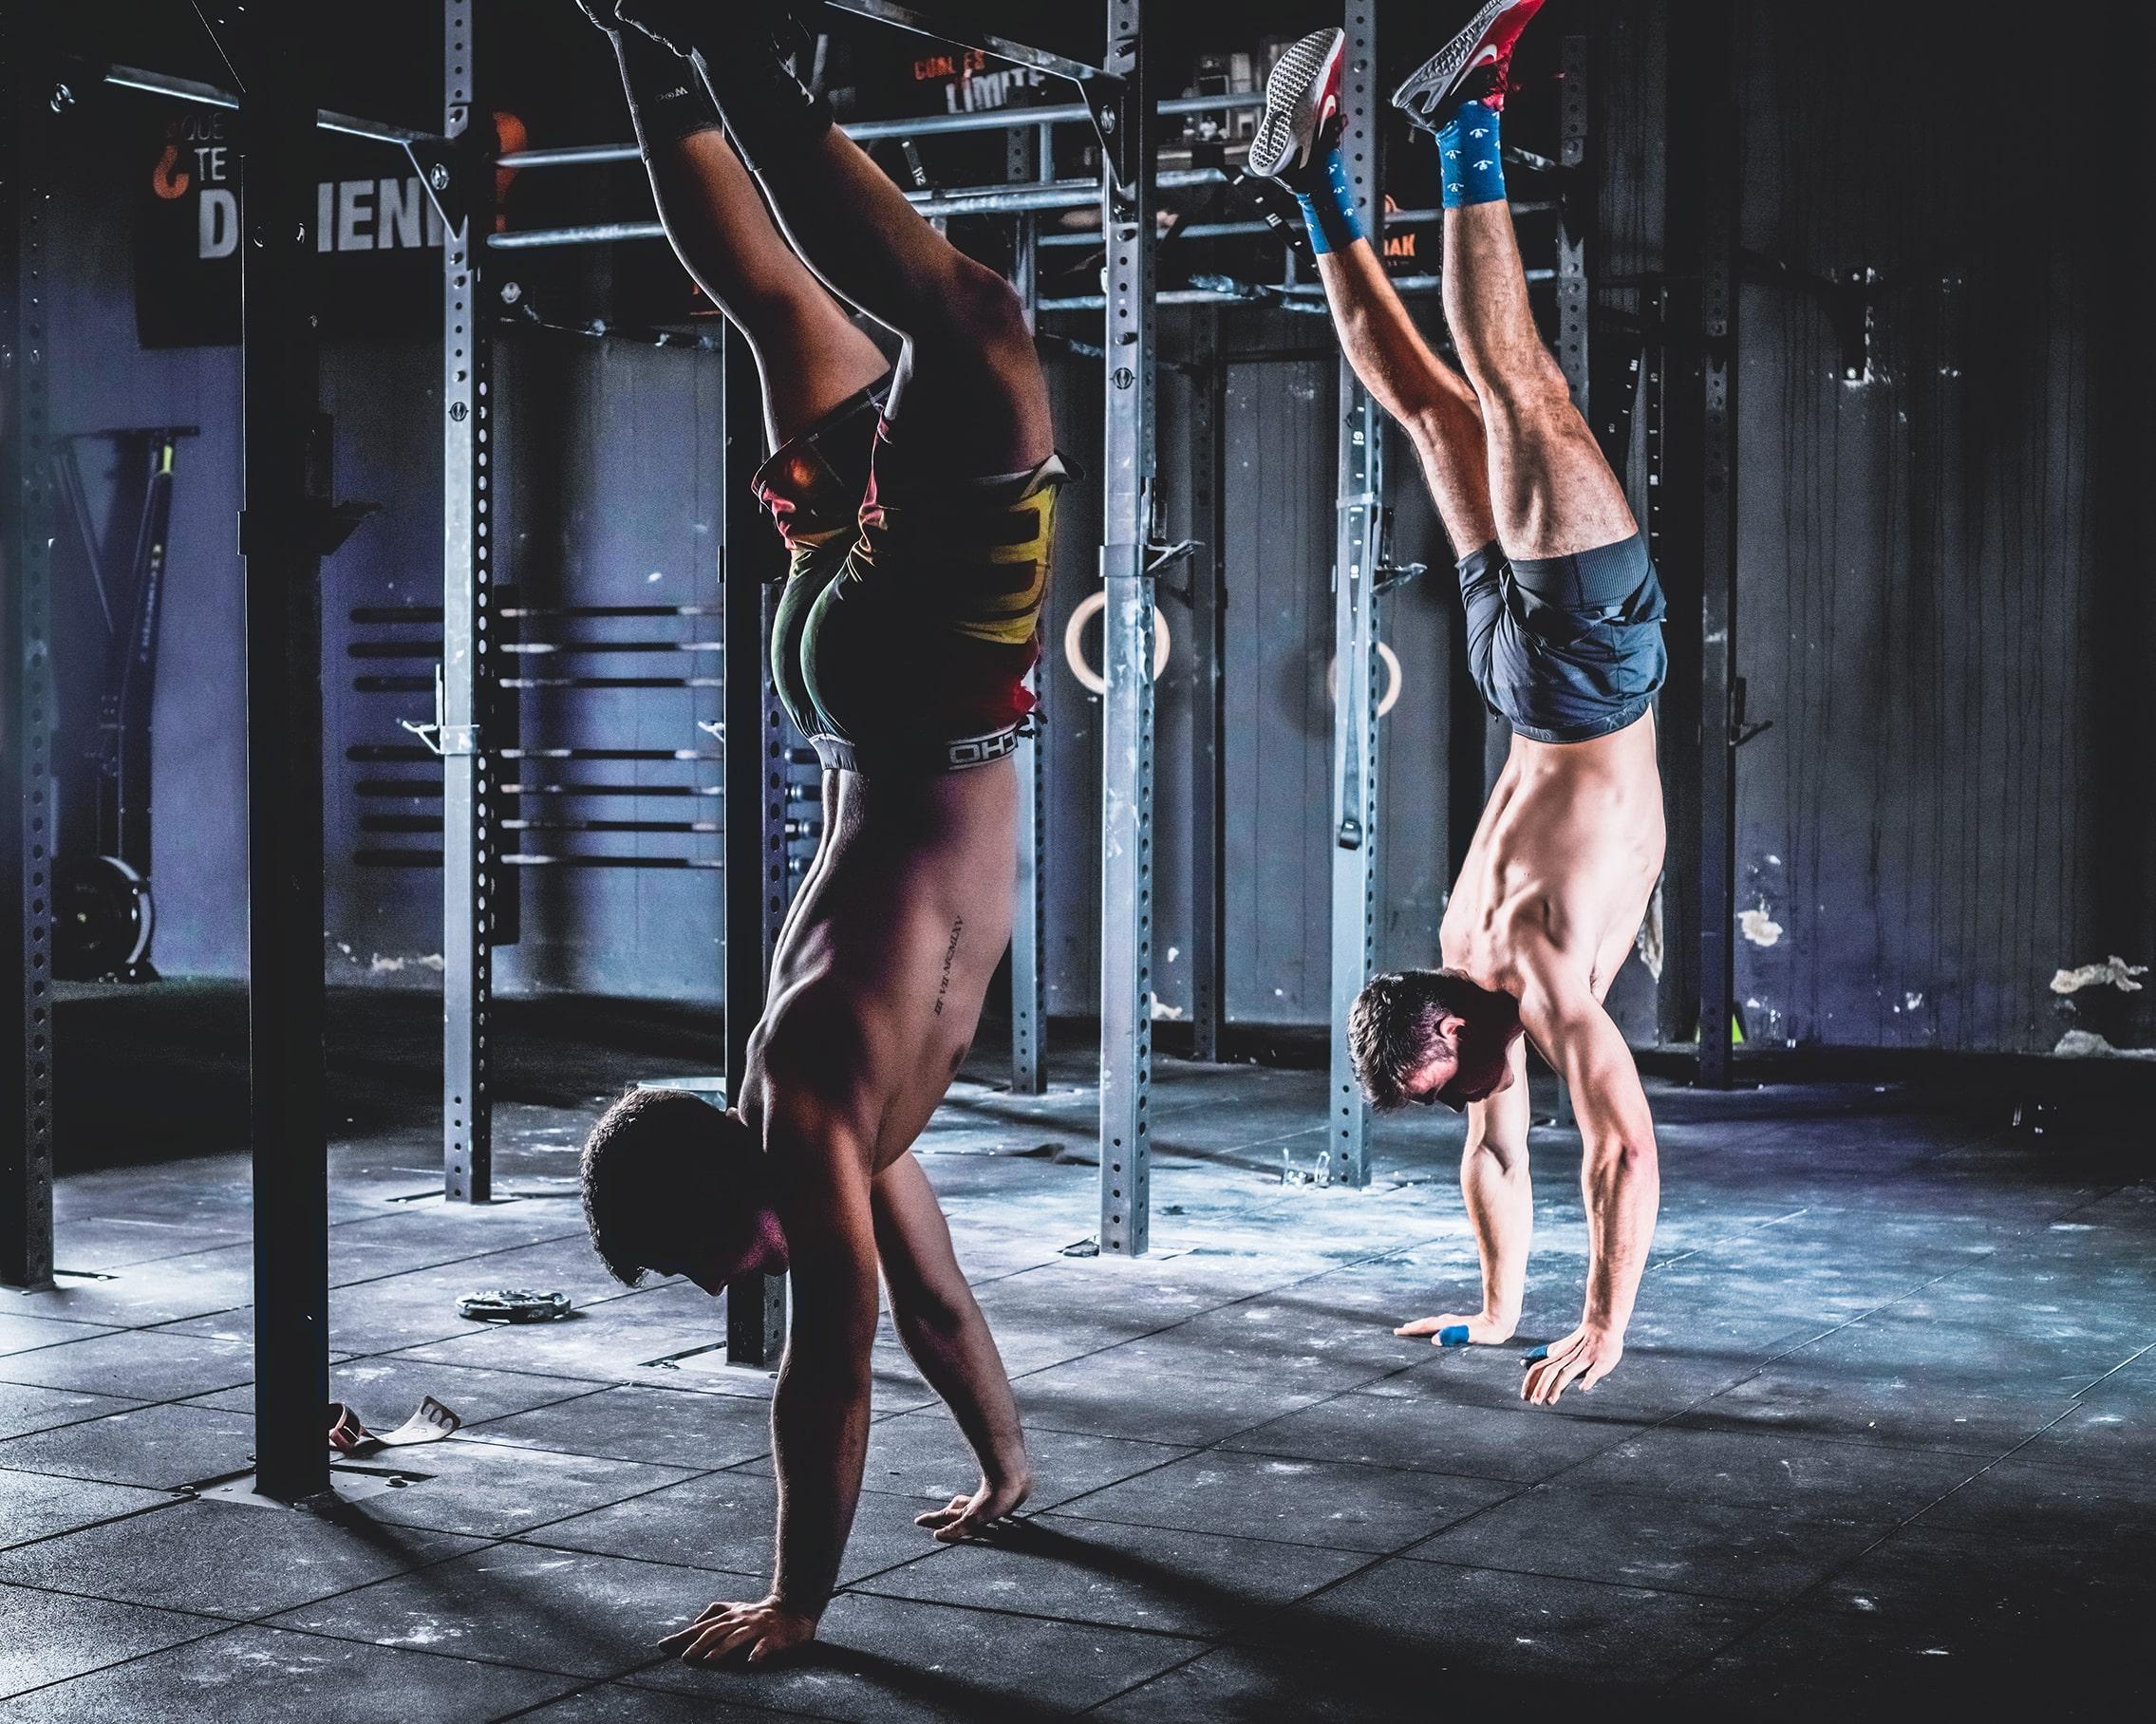 Fotos de estilo contemporáneo de dos atletas de crossfit haciendo paradas de manos